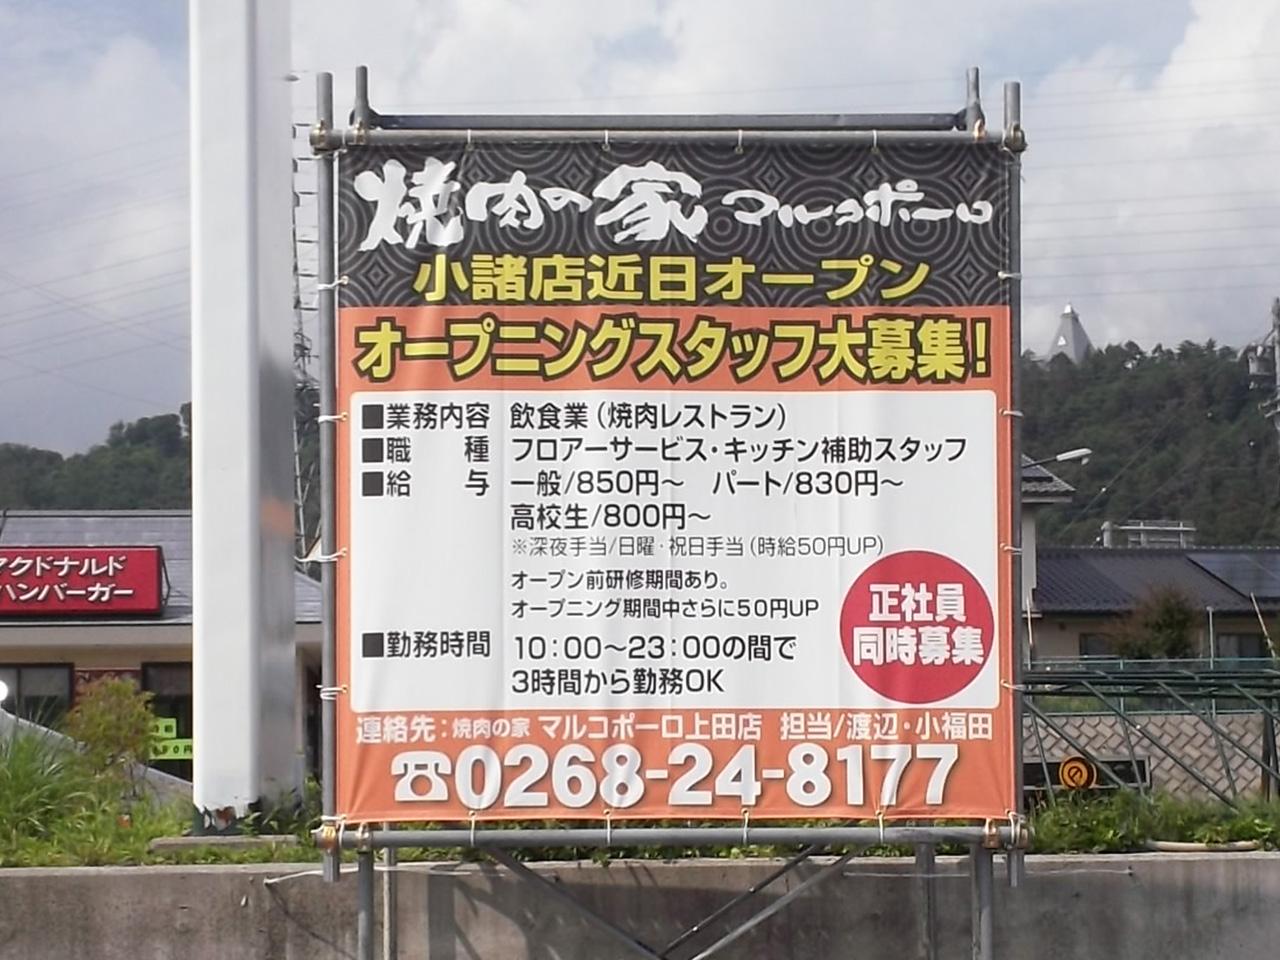 マルコポーロ小諸店様-横断幕